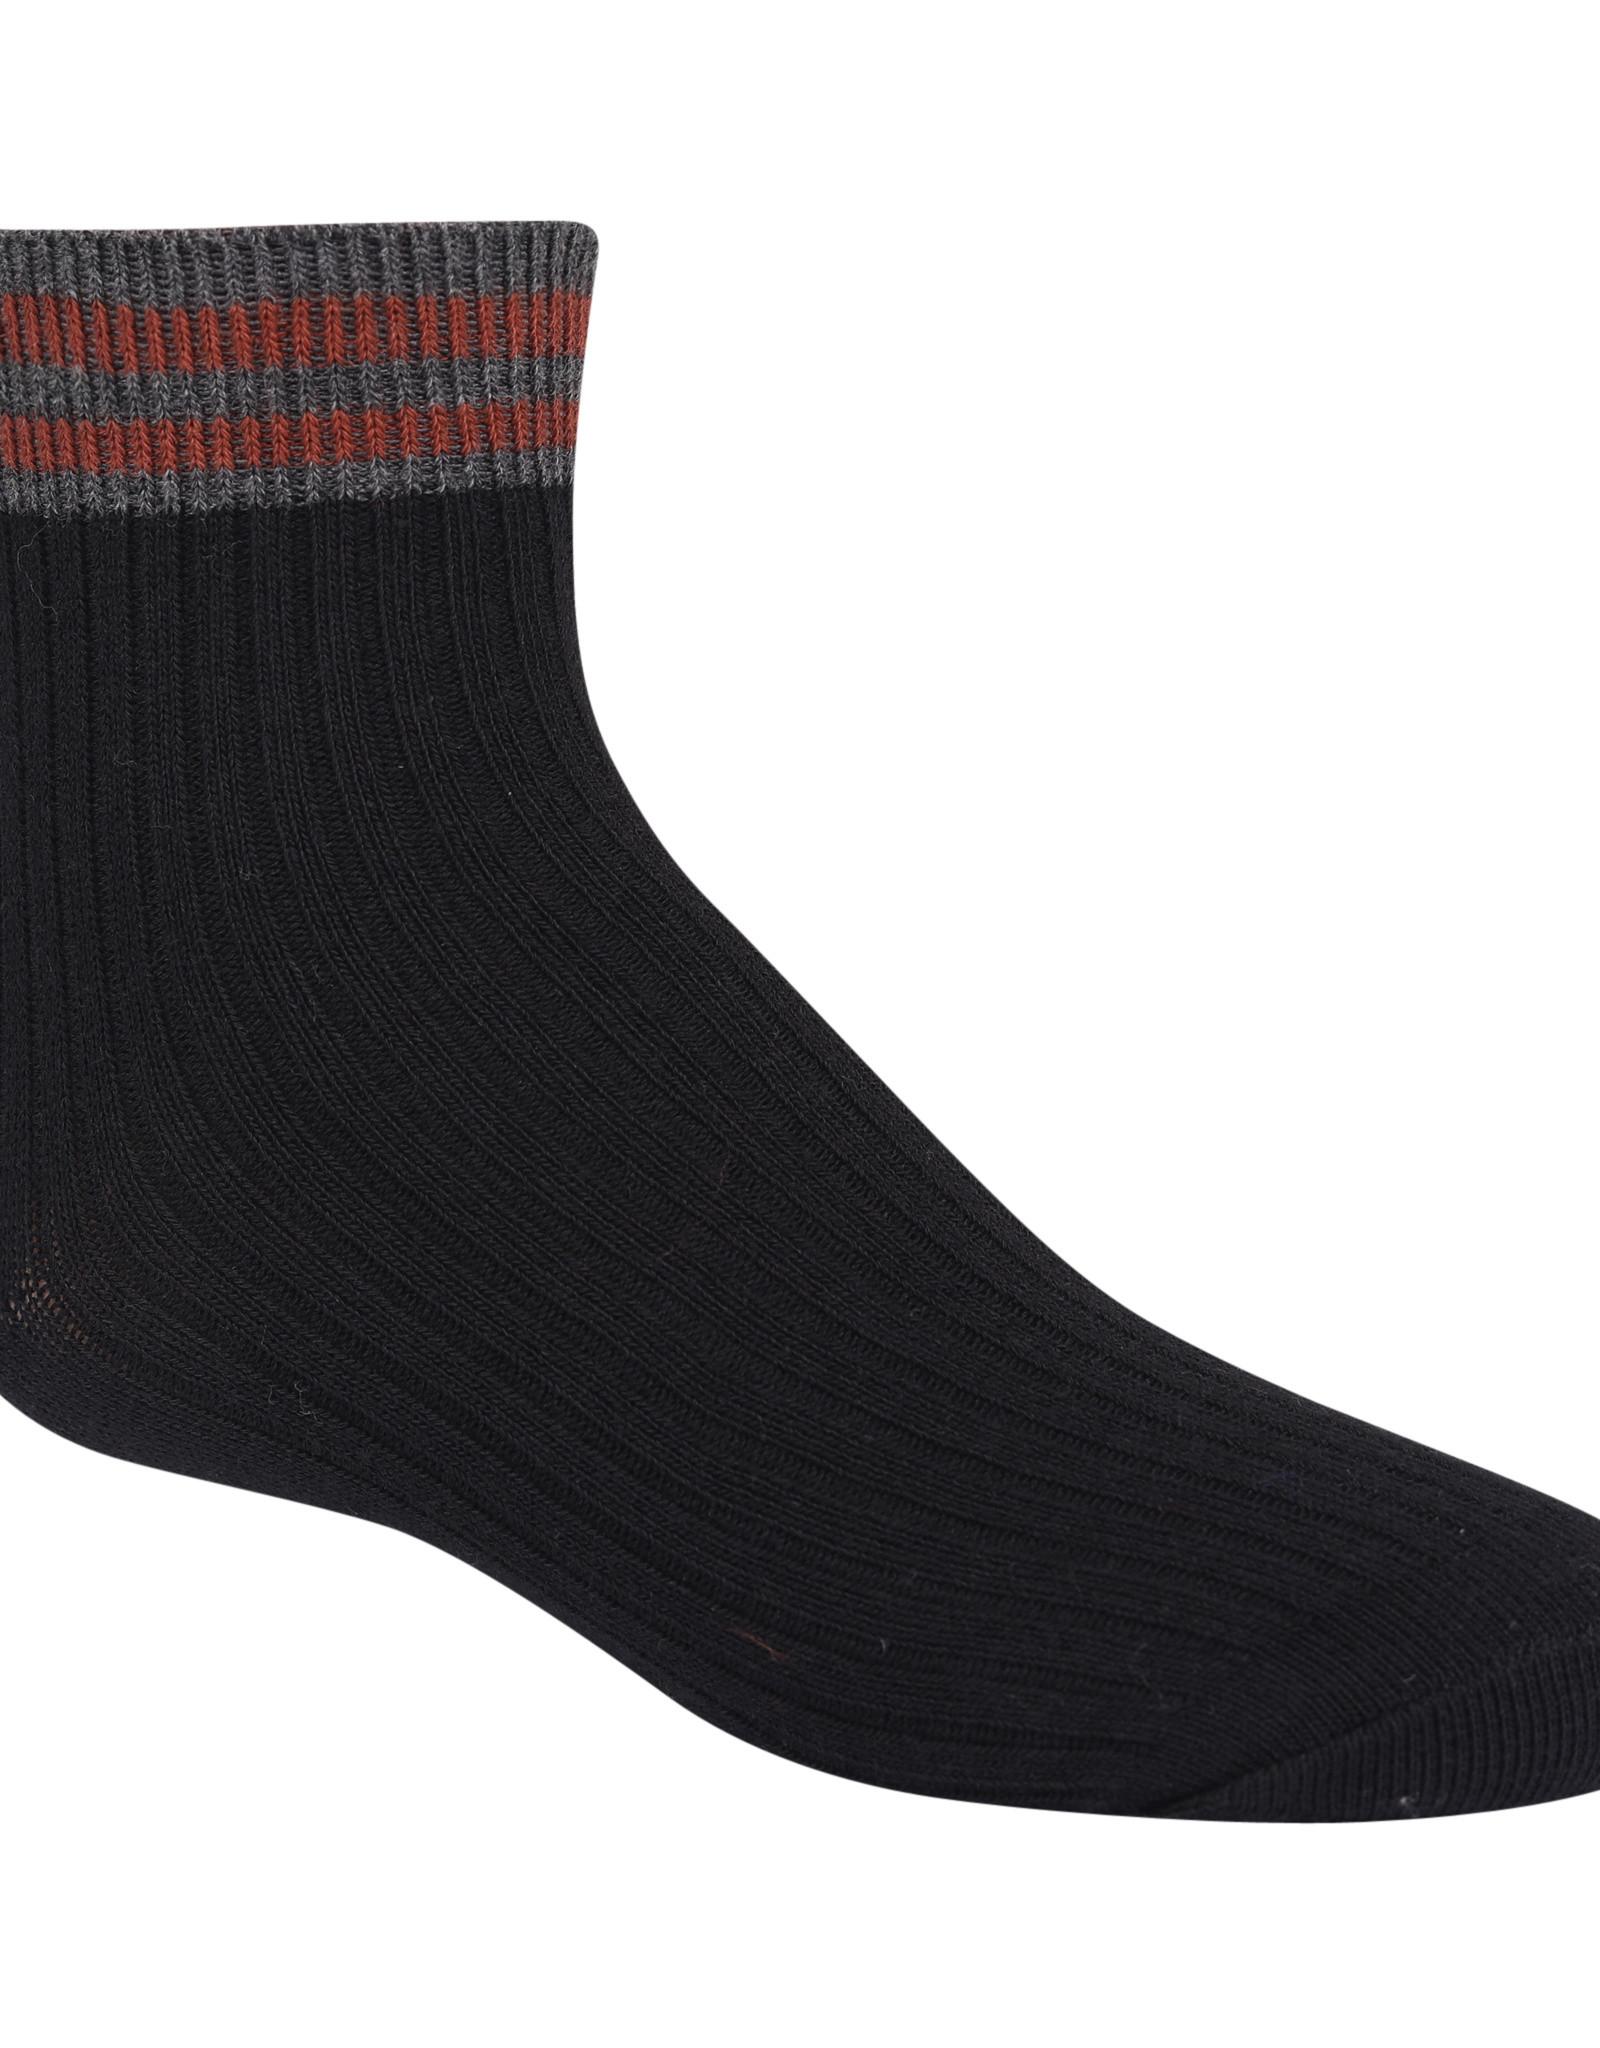 Zubii Zubii Varsity Striped Ankle Sock